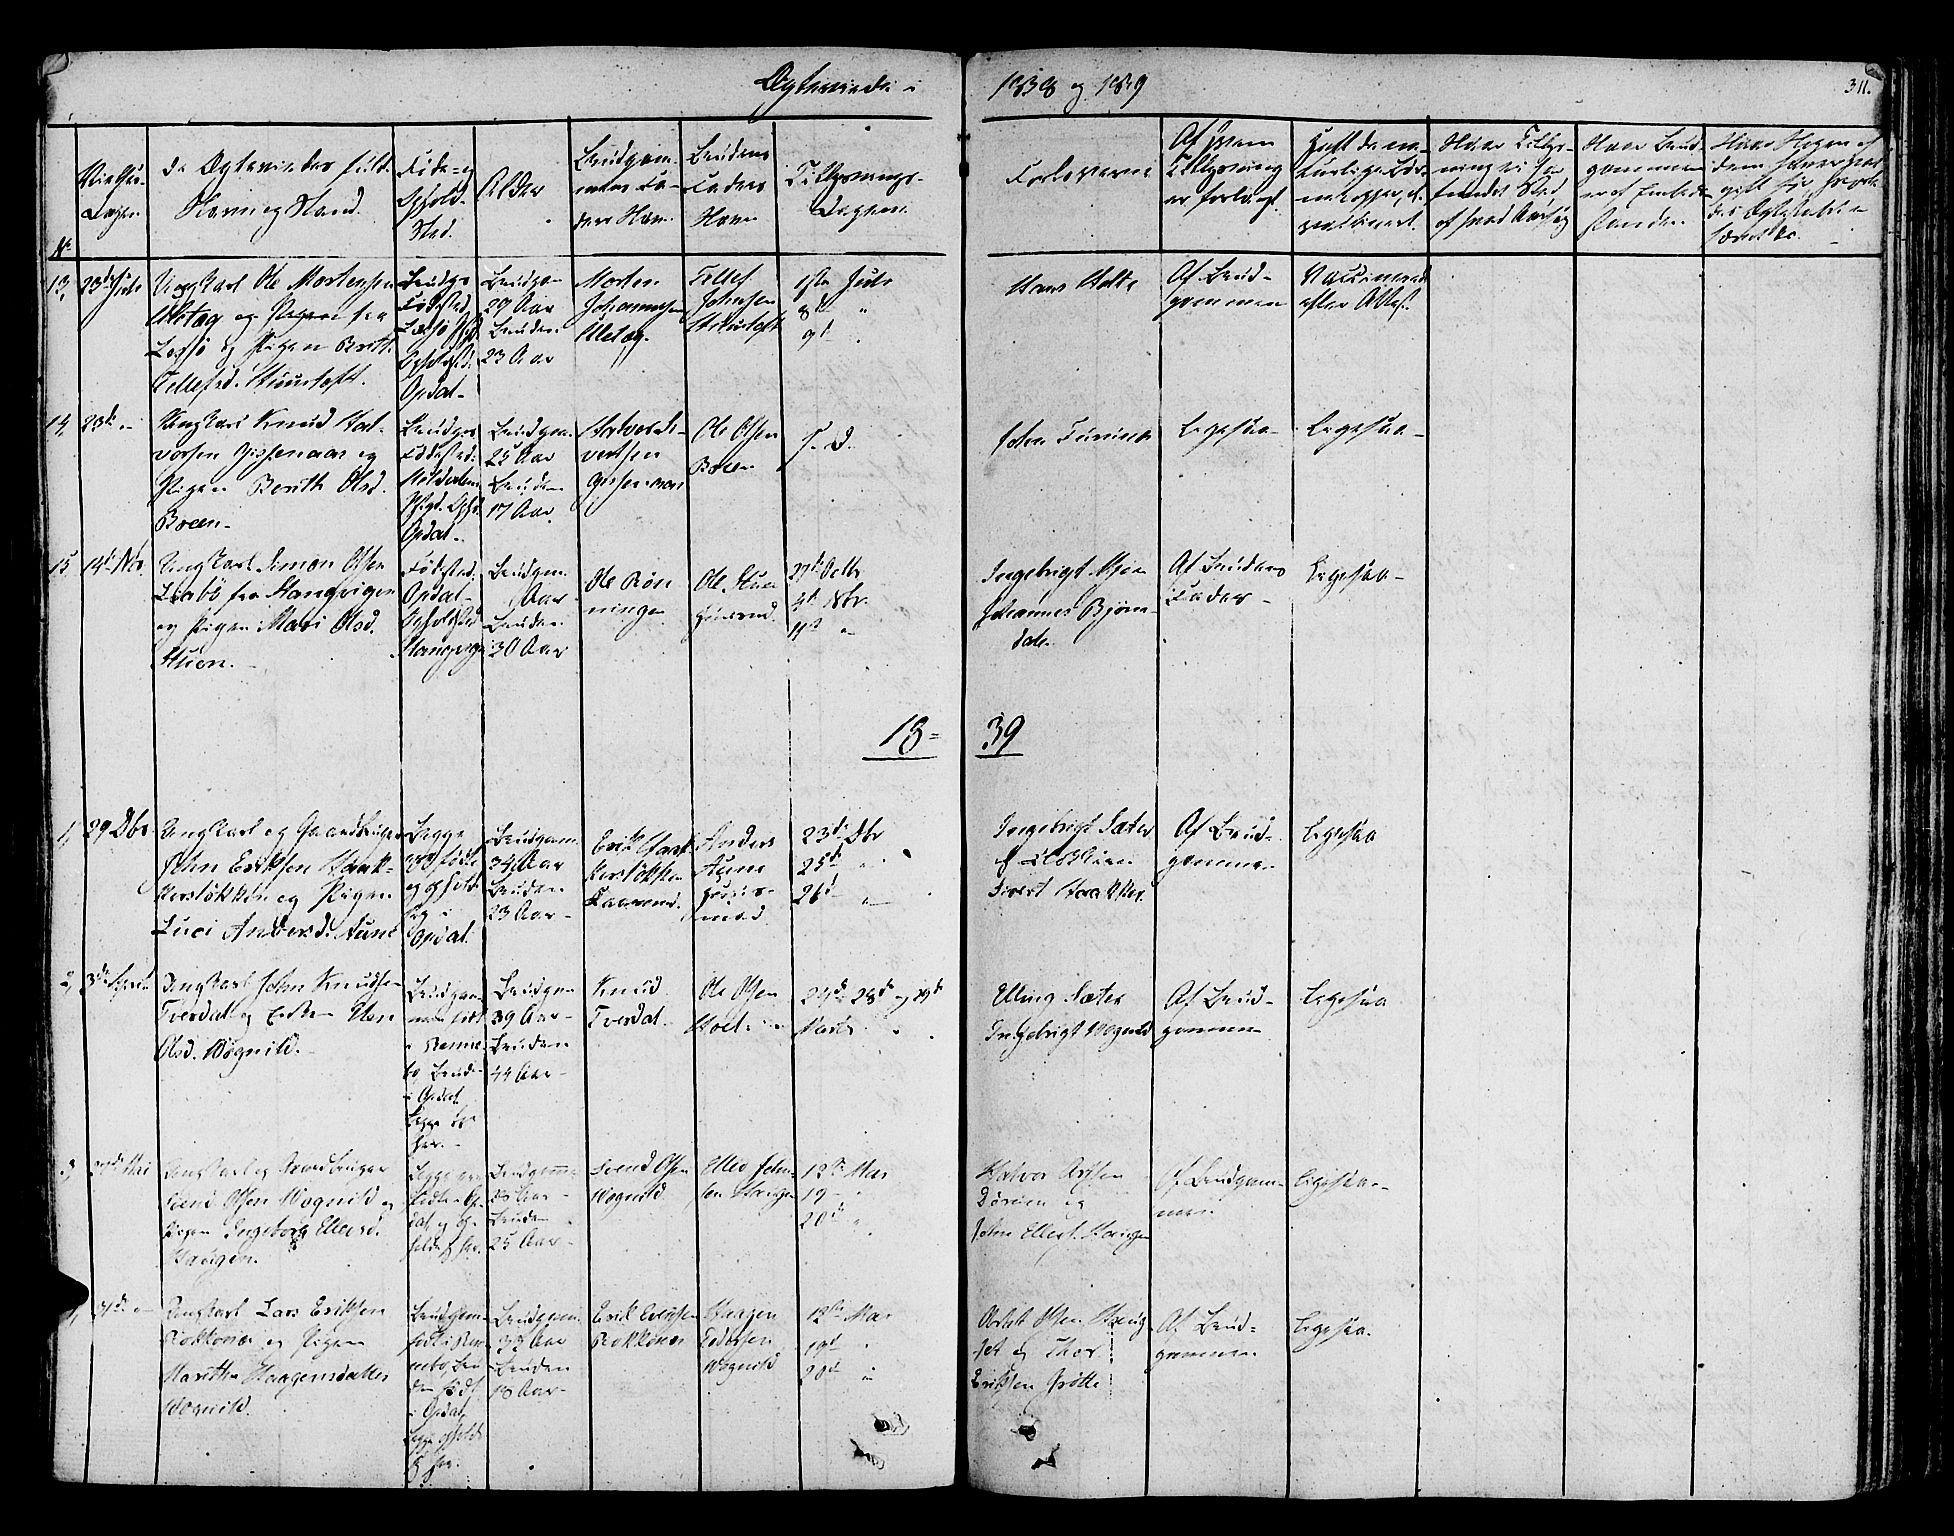 SAT, Ministerialprotokoller, klokkerbøker og fødselsregistre - Sør-Trøndelag, 678/L0897: Ministerialbok nr. 678A06-07, 1821-1847, s. 311